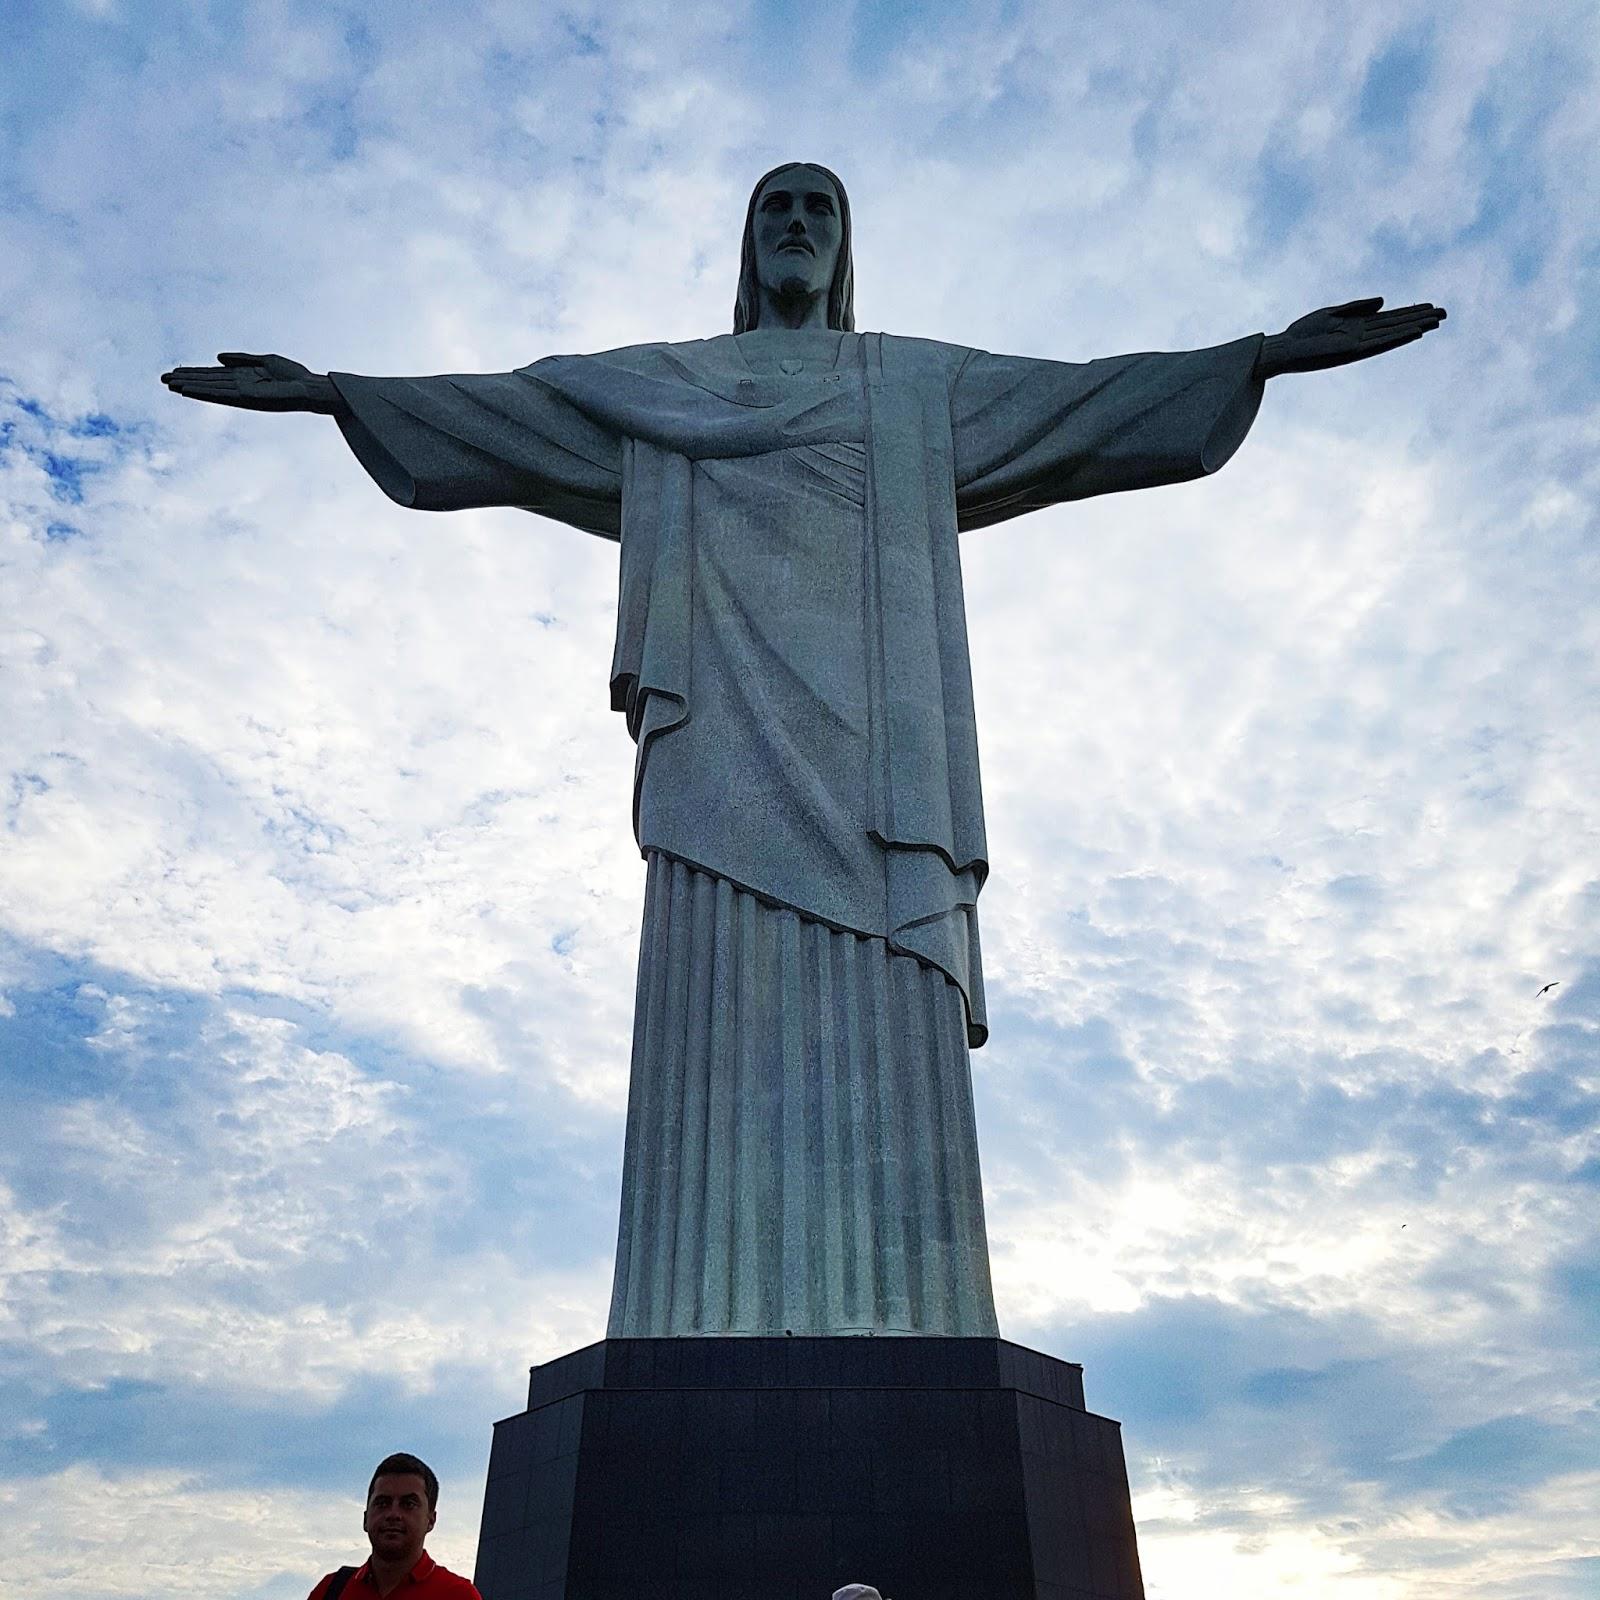 cf046840feb O Corcovado e o Cristo Redentor - Rio de Janeiro